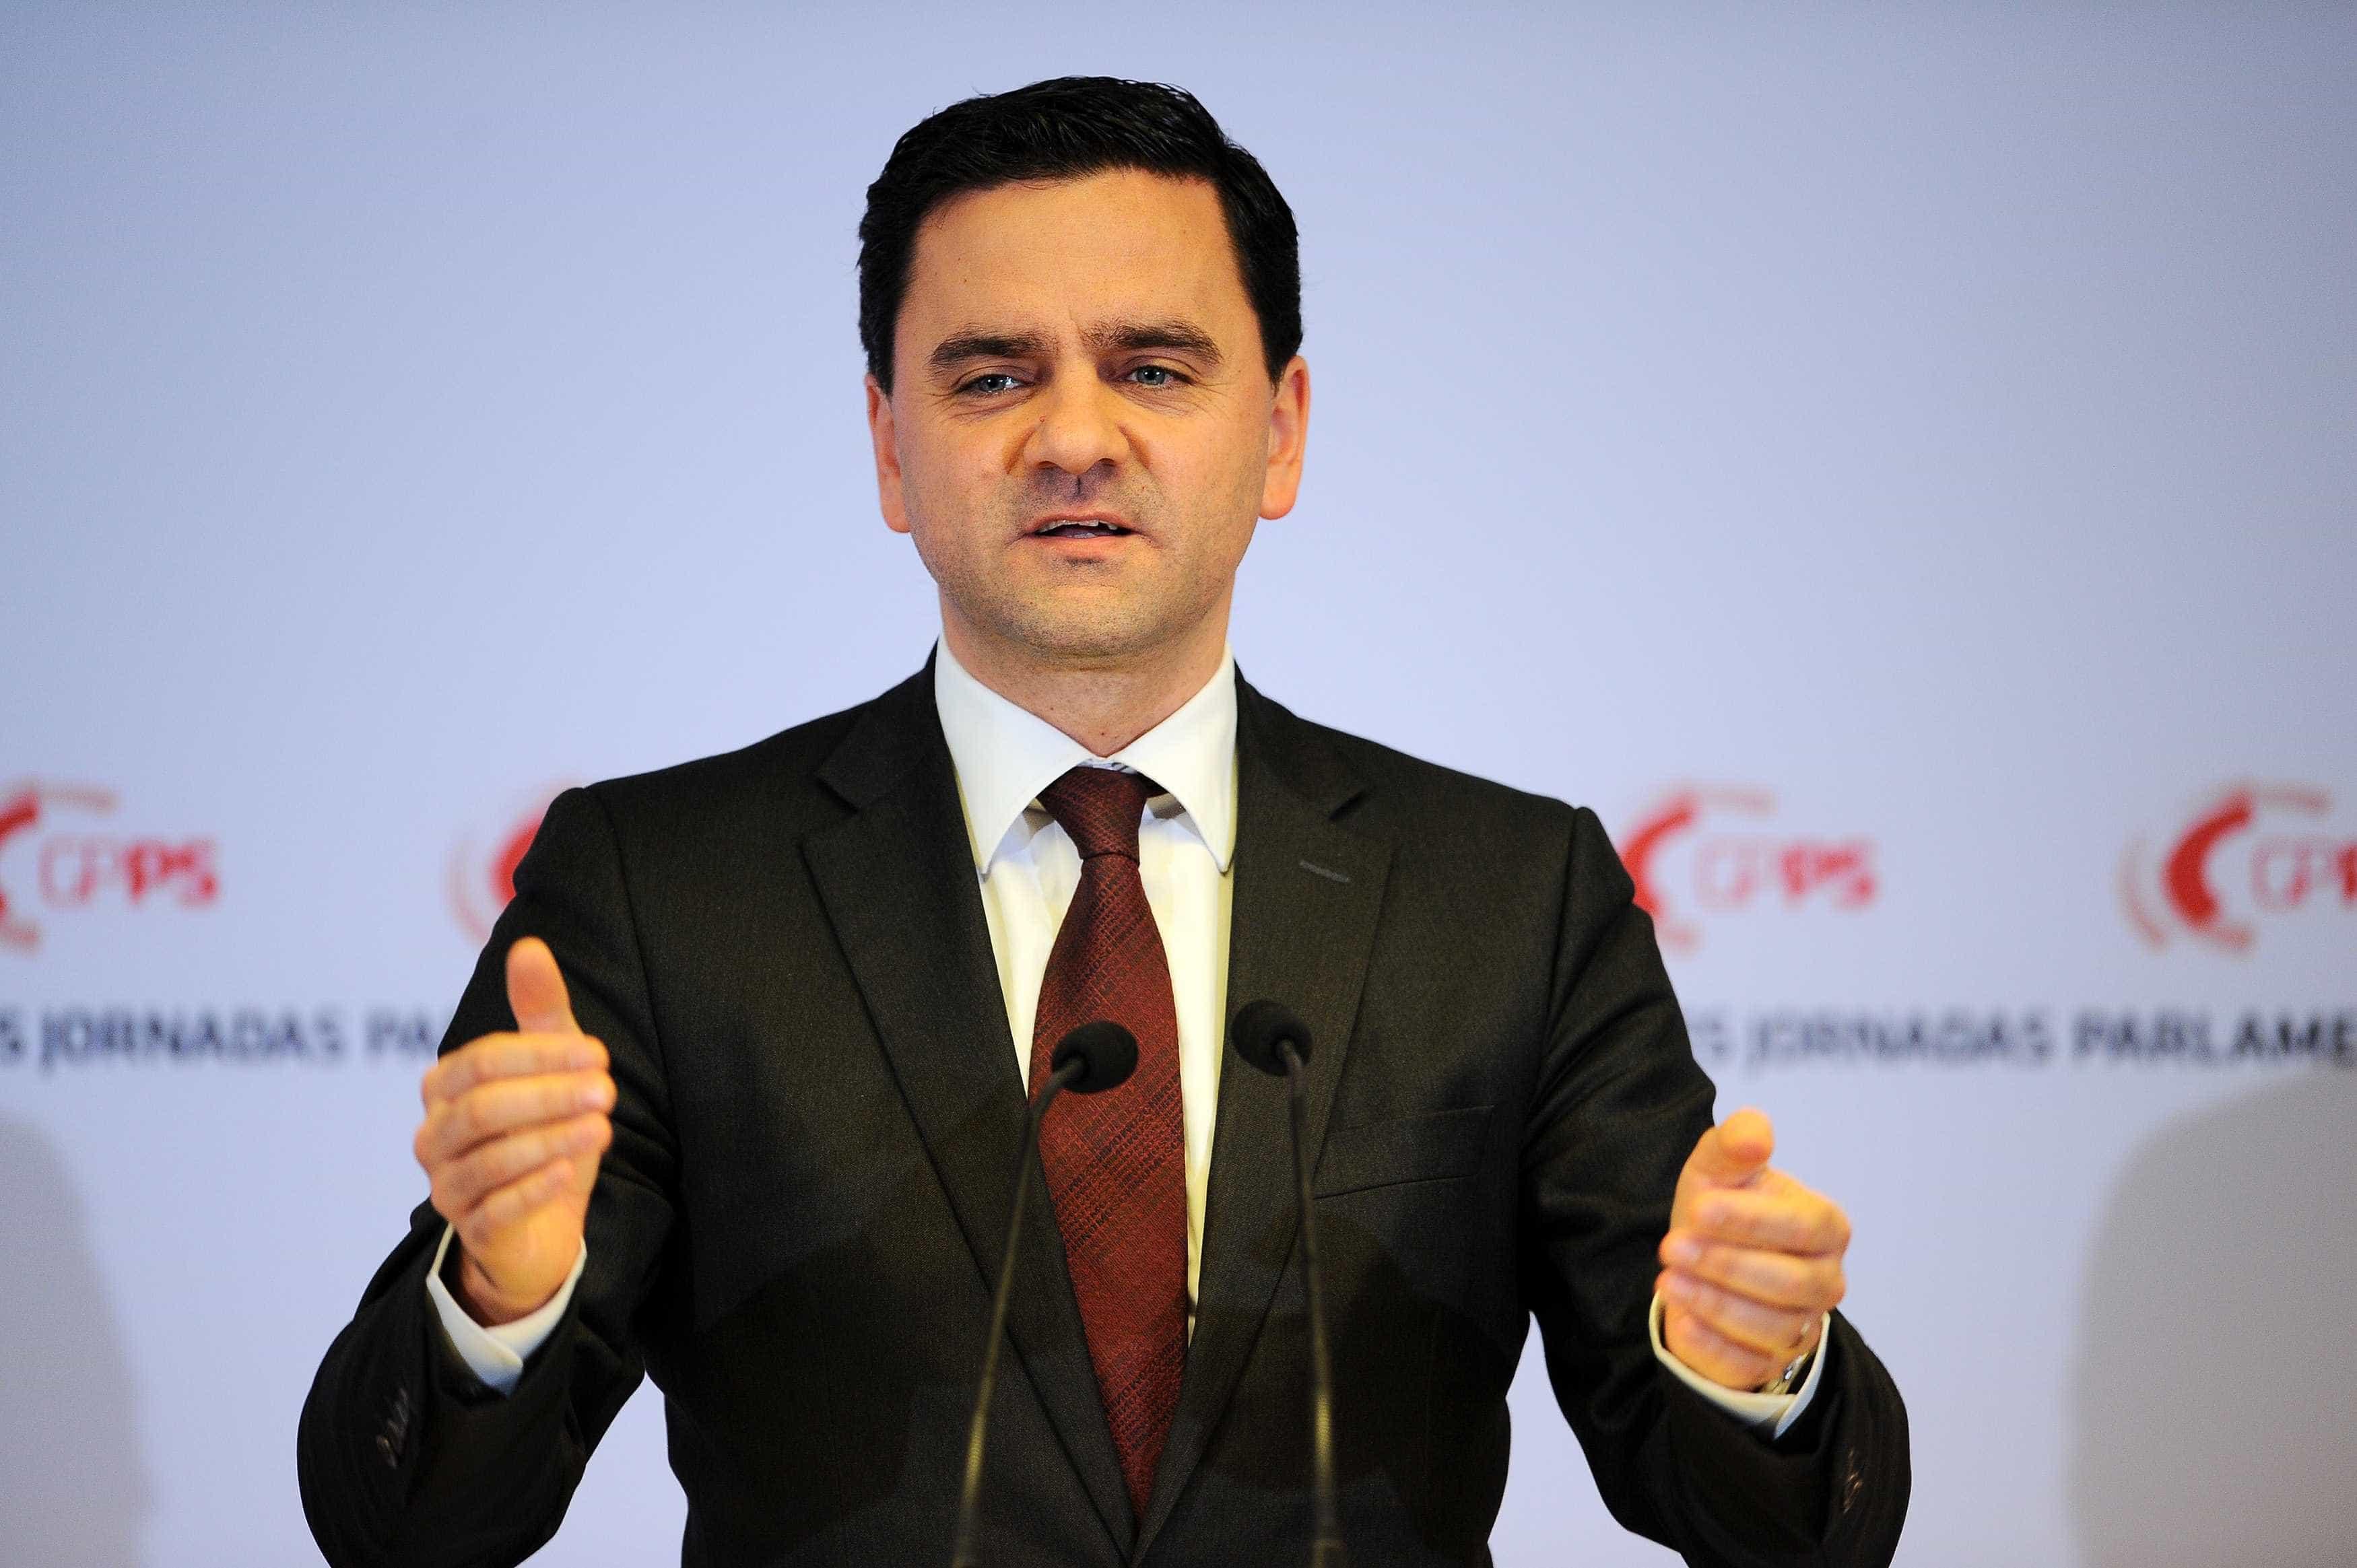 Europeias: Pedro Marques é o cabeça de lista do PS